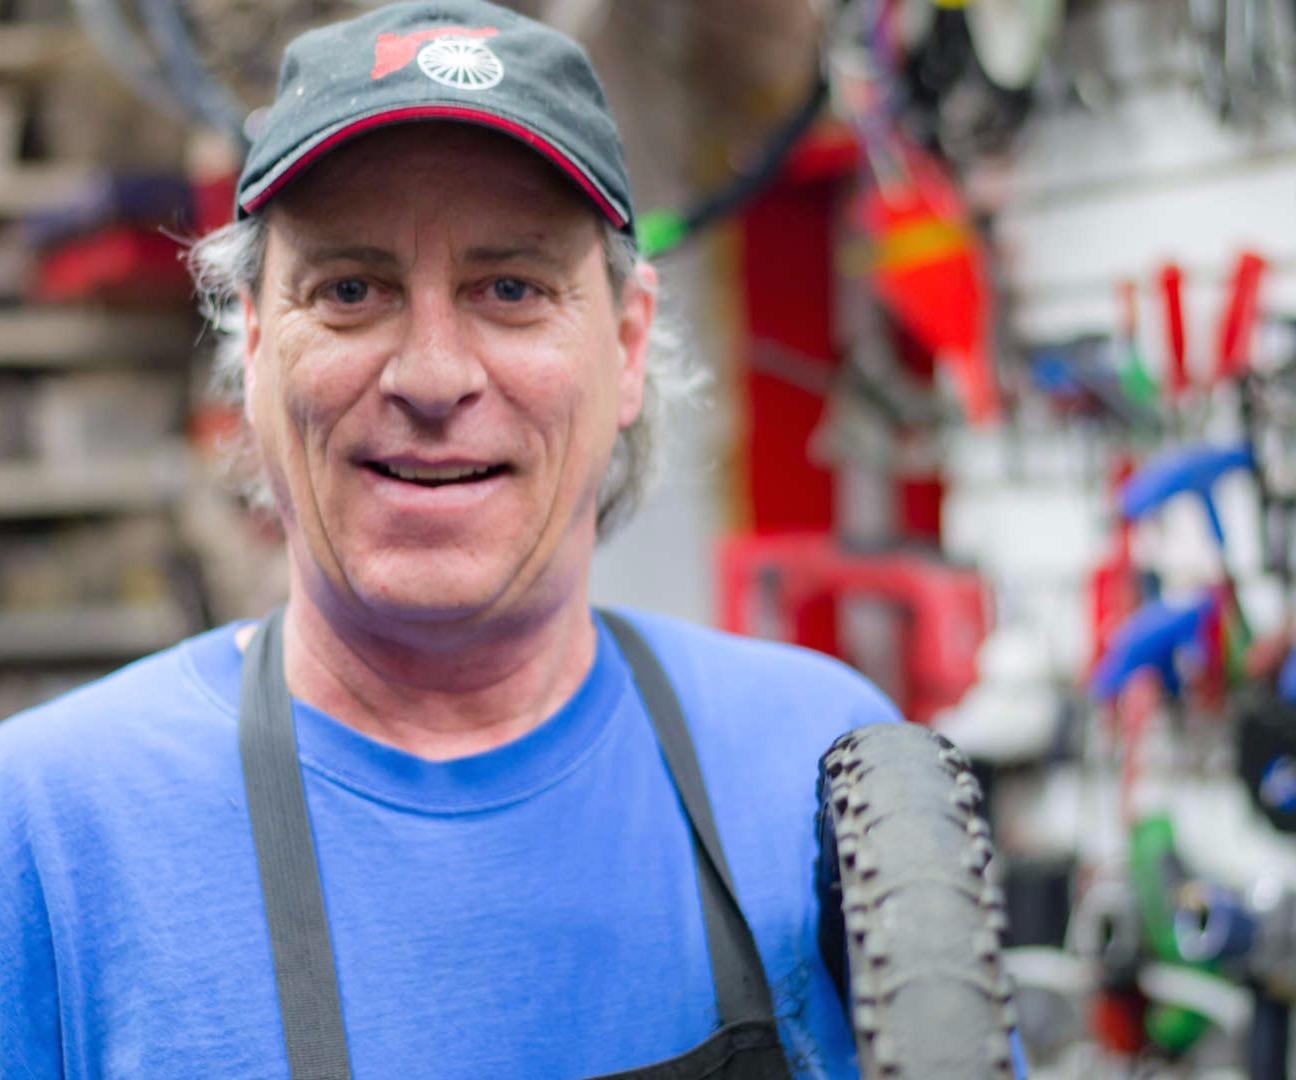 The Freewheeler Bike Shop - Bike Repairs